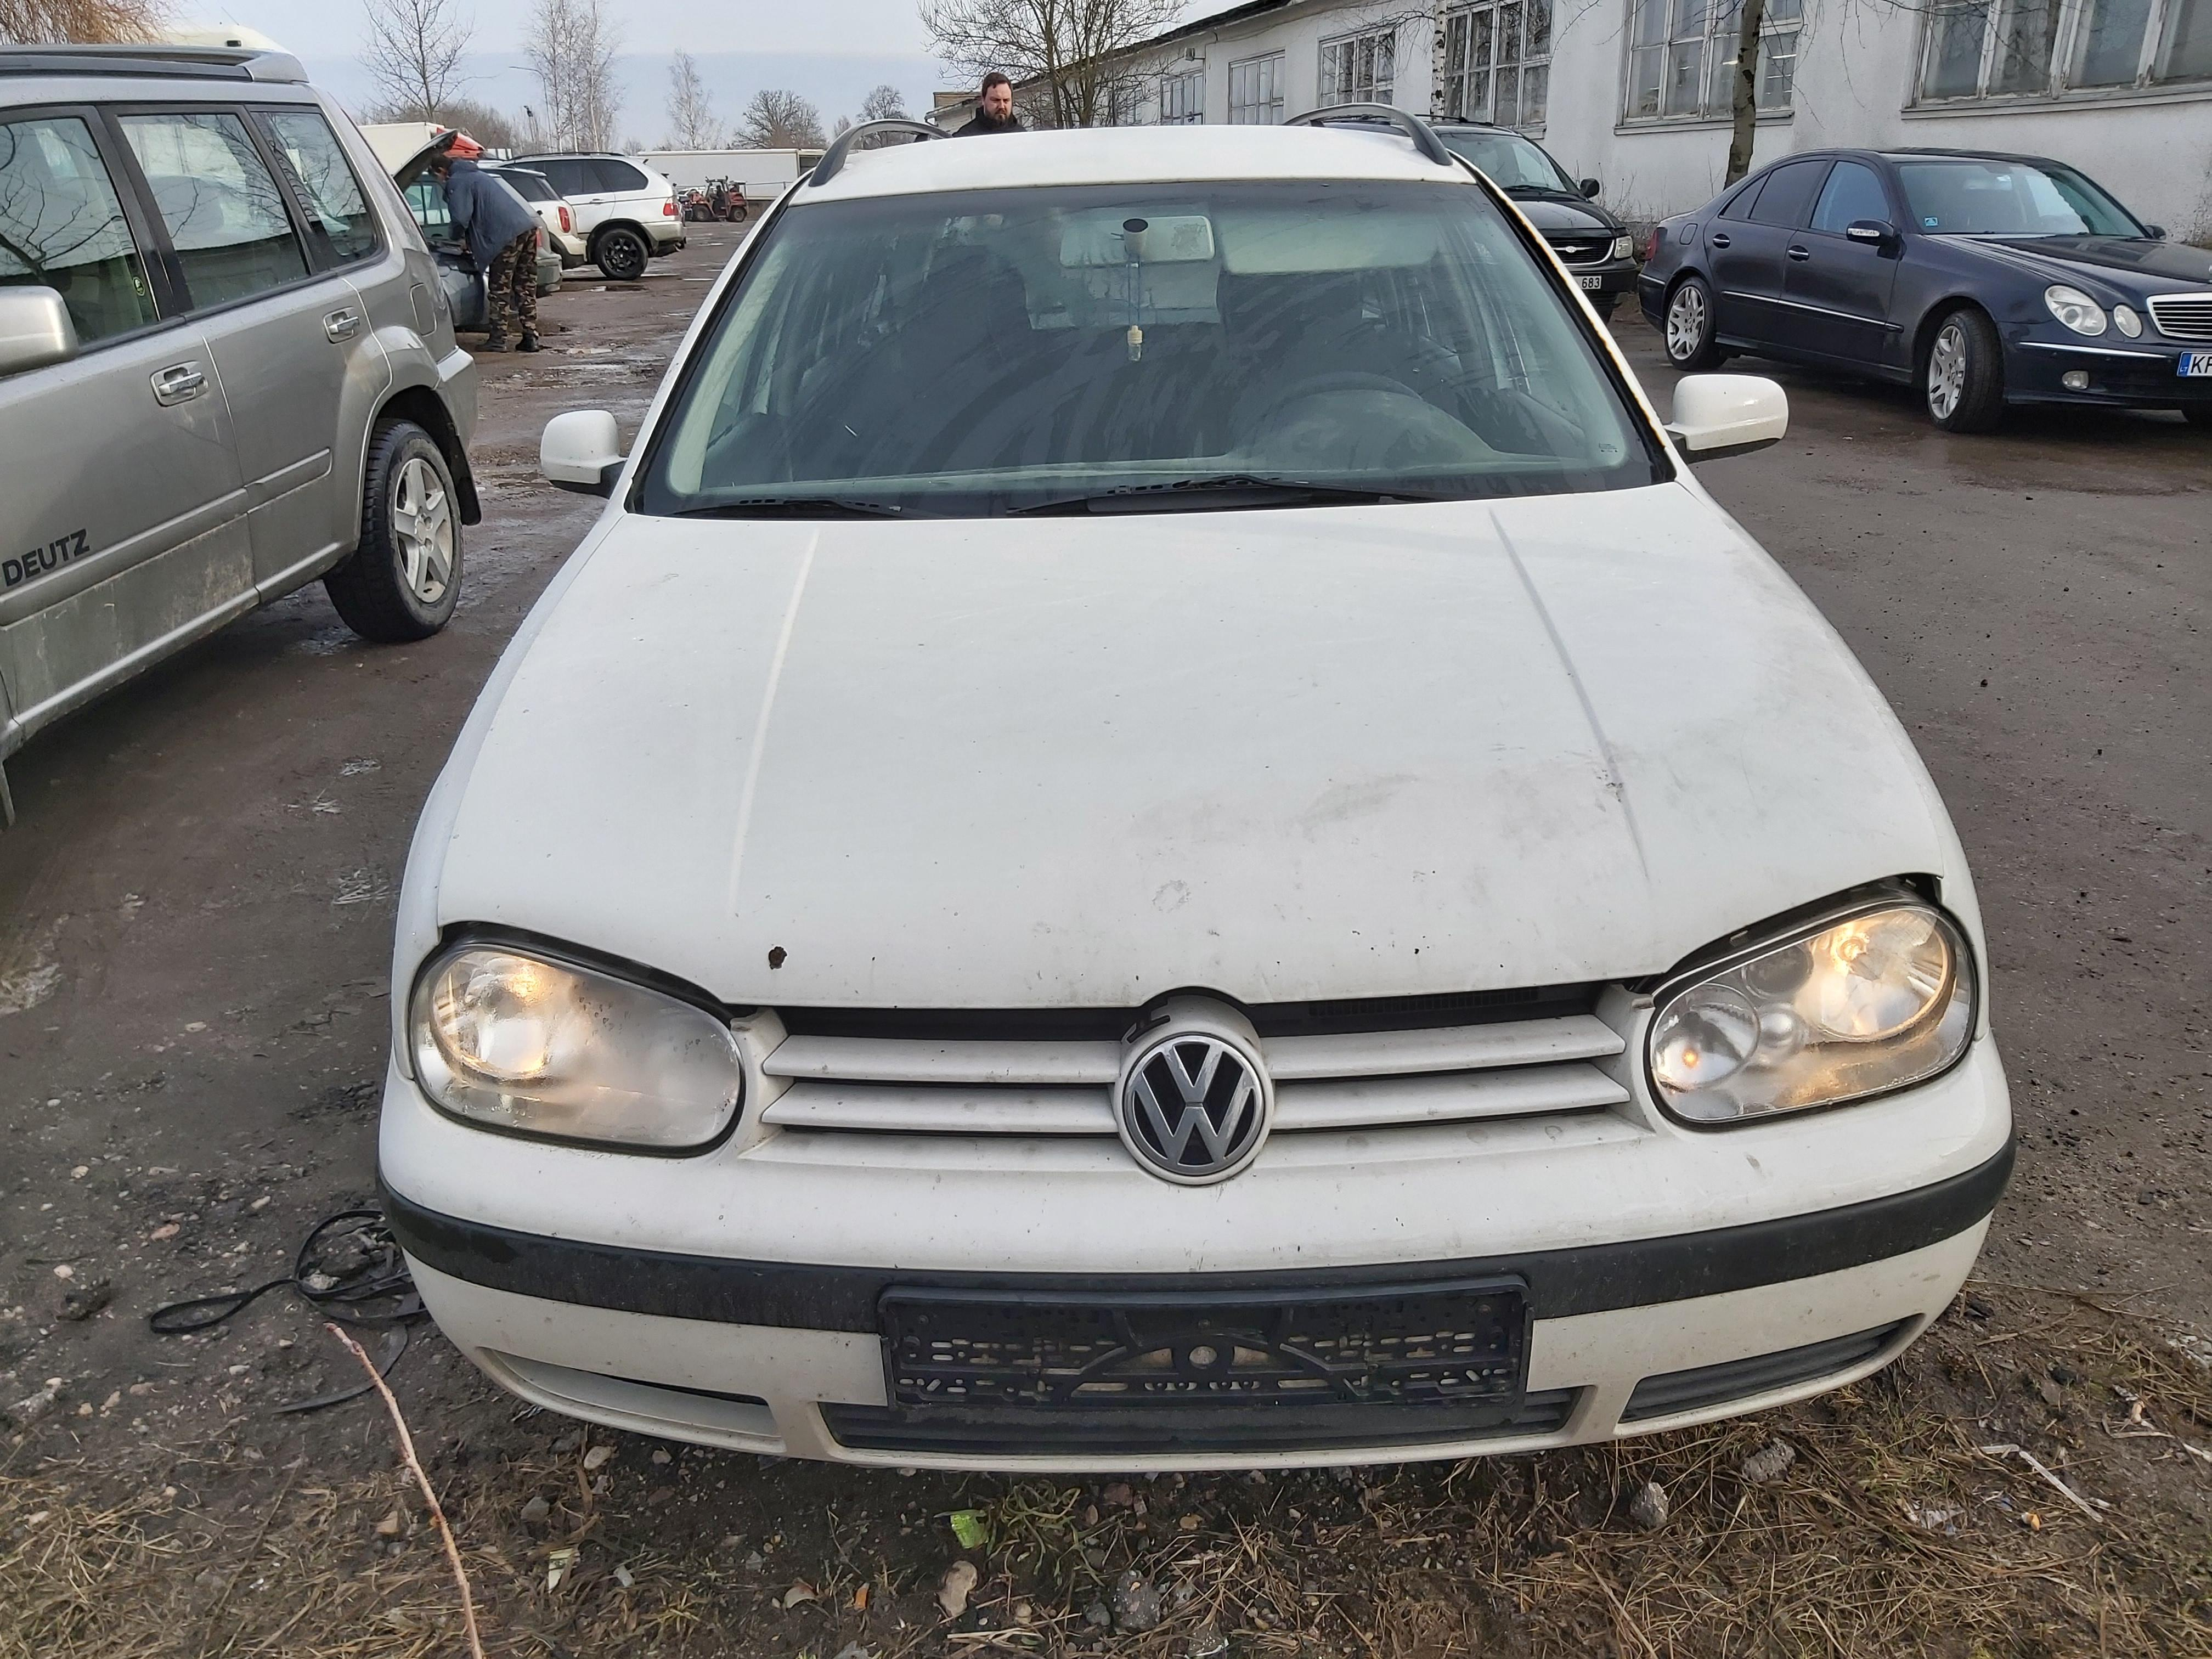 Подержанные Автозапчасти Foto 3 Volkswagen GOLF 2000 1.9 машиностроение универсал 4/5 d. белый 2020-2-14 A5072